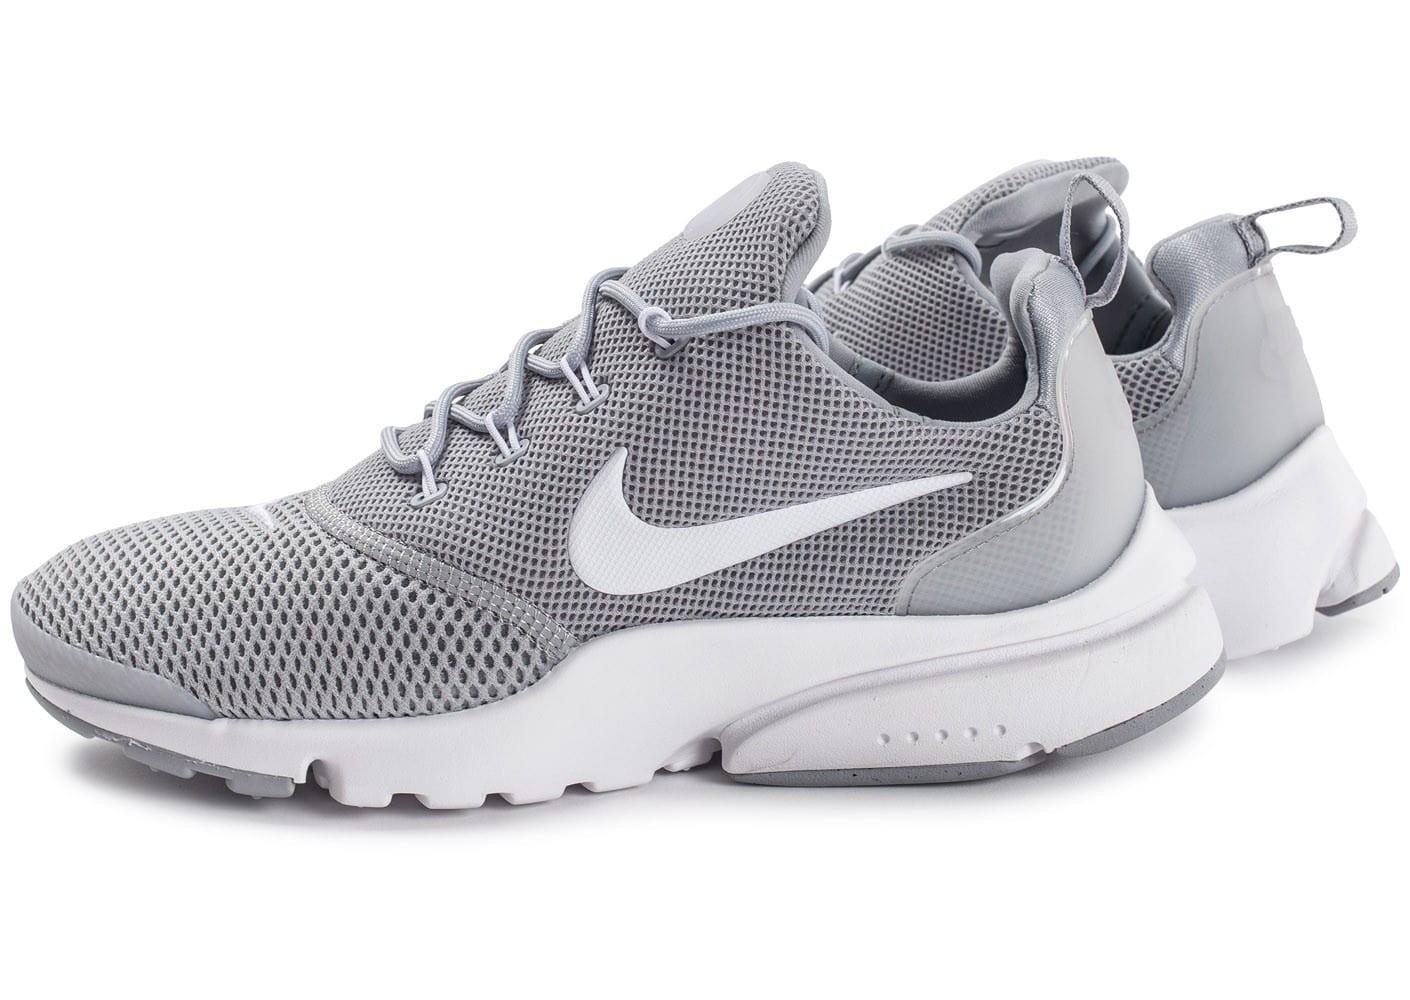 Bebe Presto Chaussure Nike Bebe Nike Nike Chaussure Chaussure Presto Fly Fly rhQCtdxs